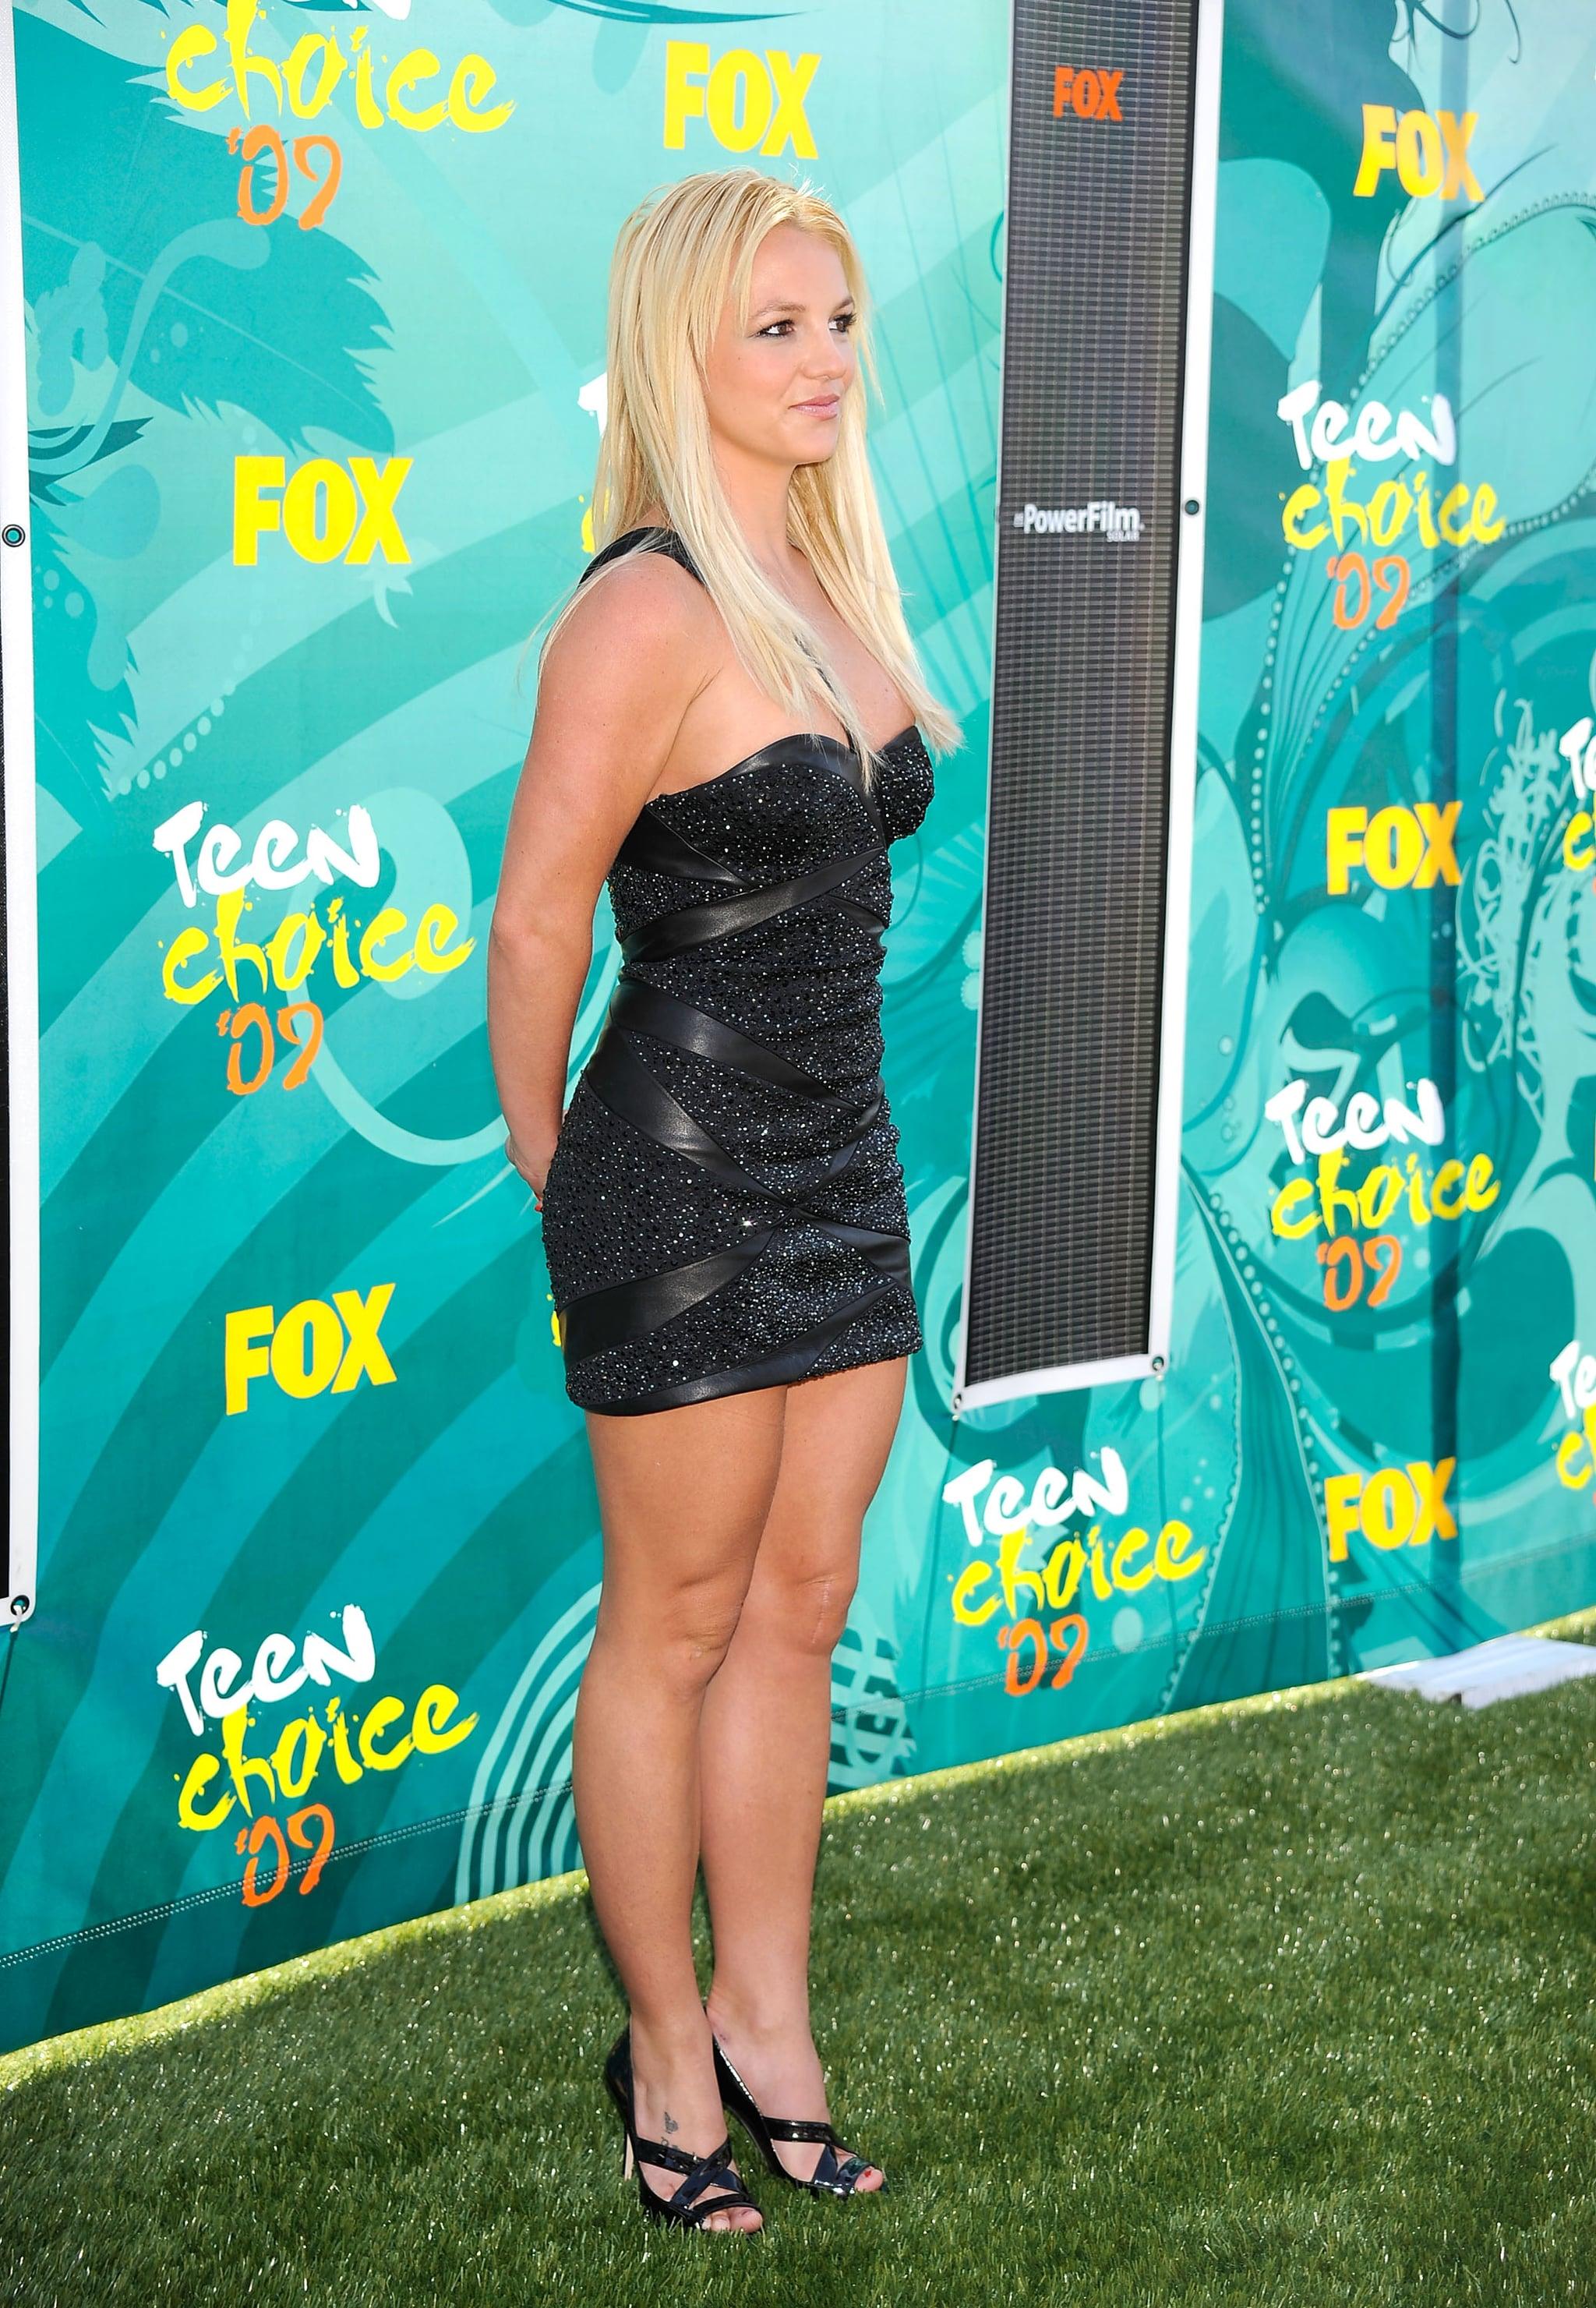 Photos of Britney Spears, Miley Cyrus, Kristen Stewart ...